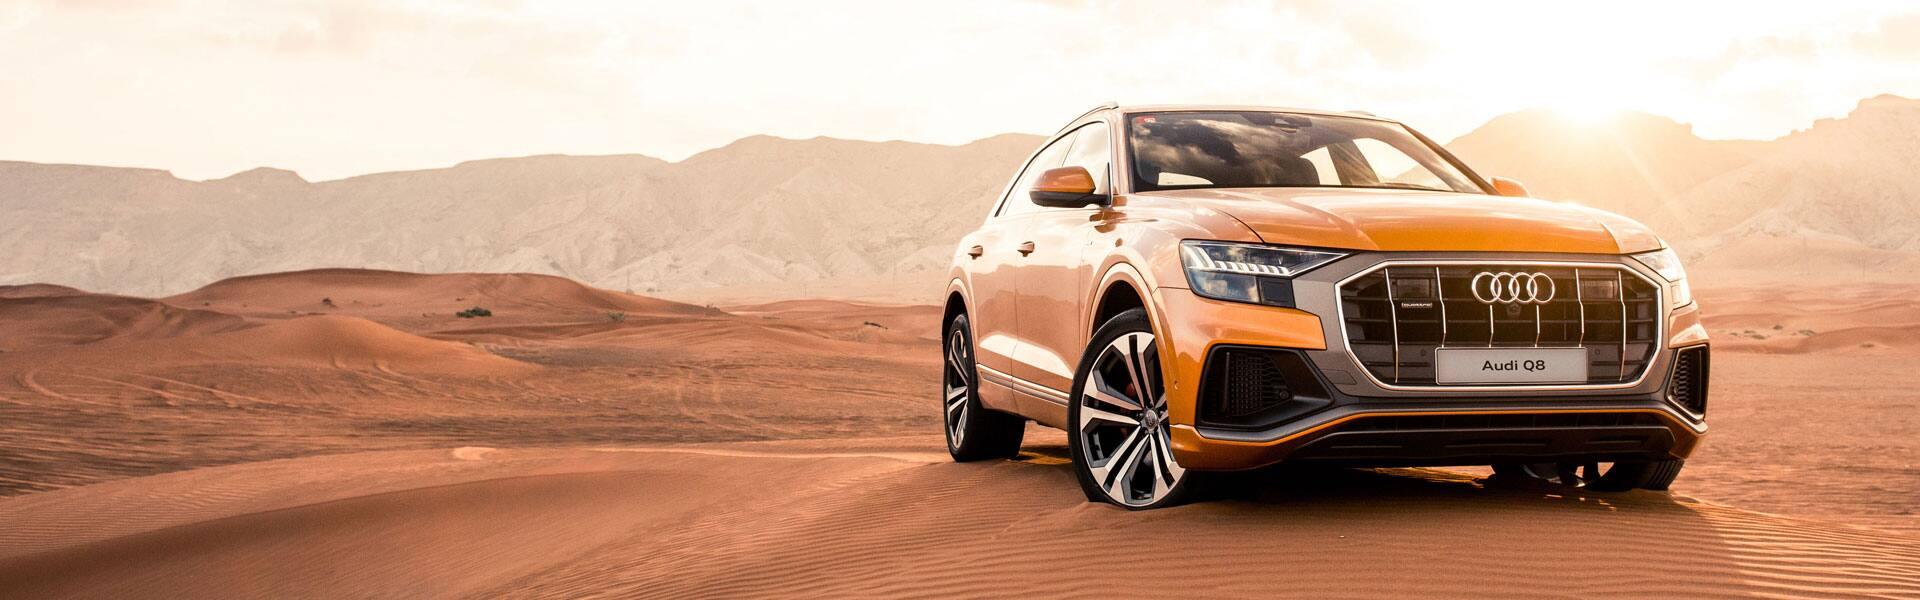 Audi Q8 2019 > Audi Q8 2019 > Audi Middle East